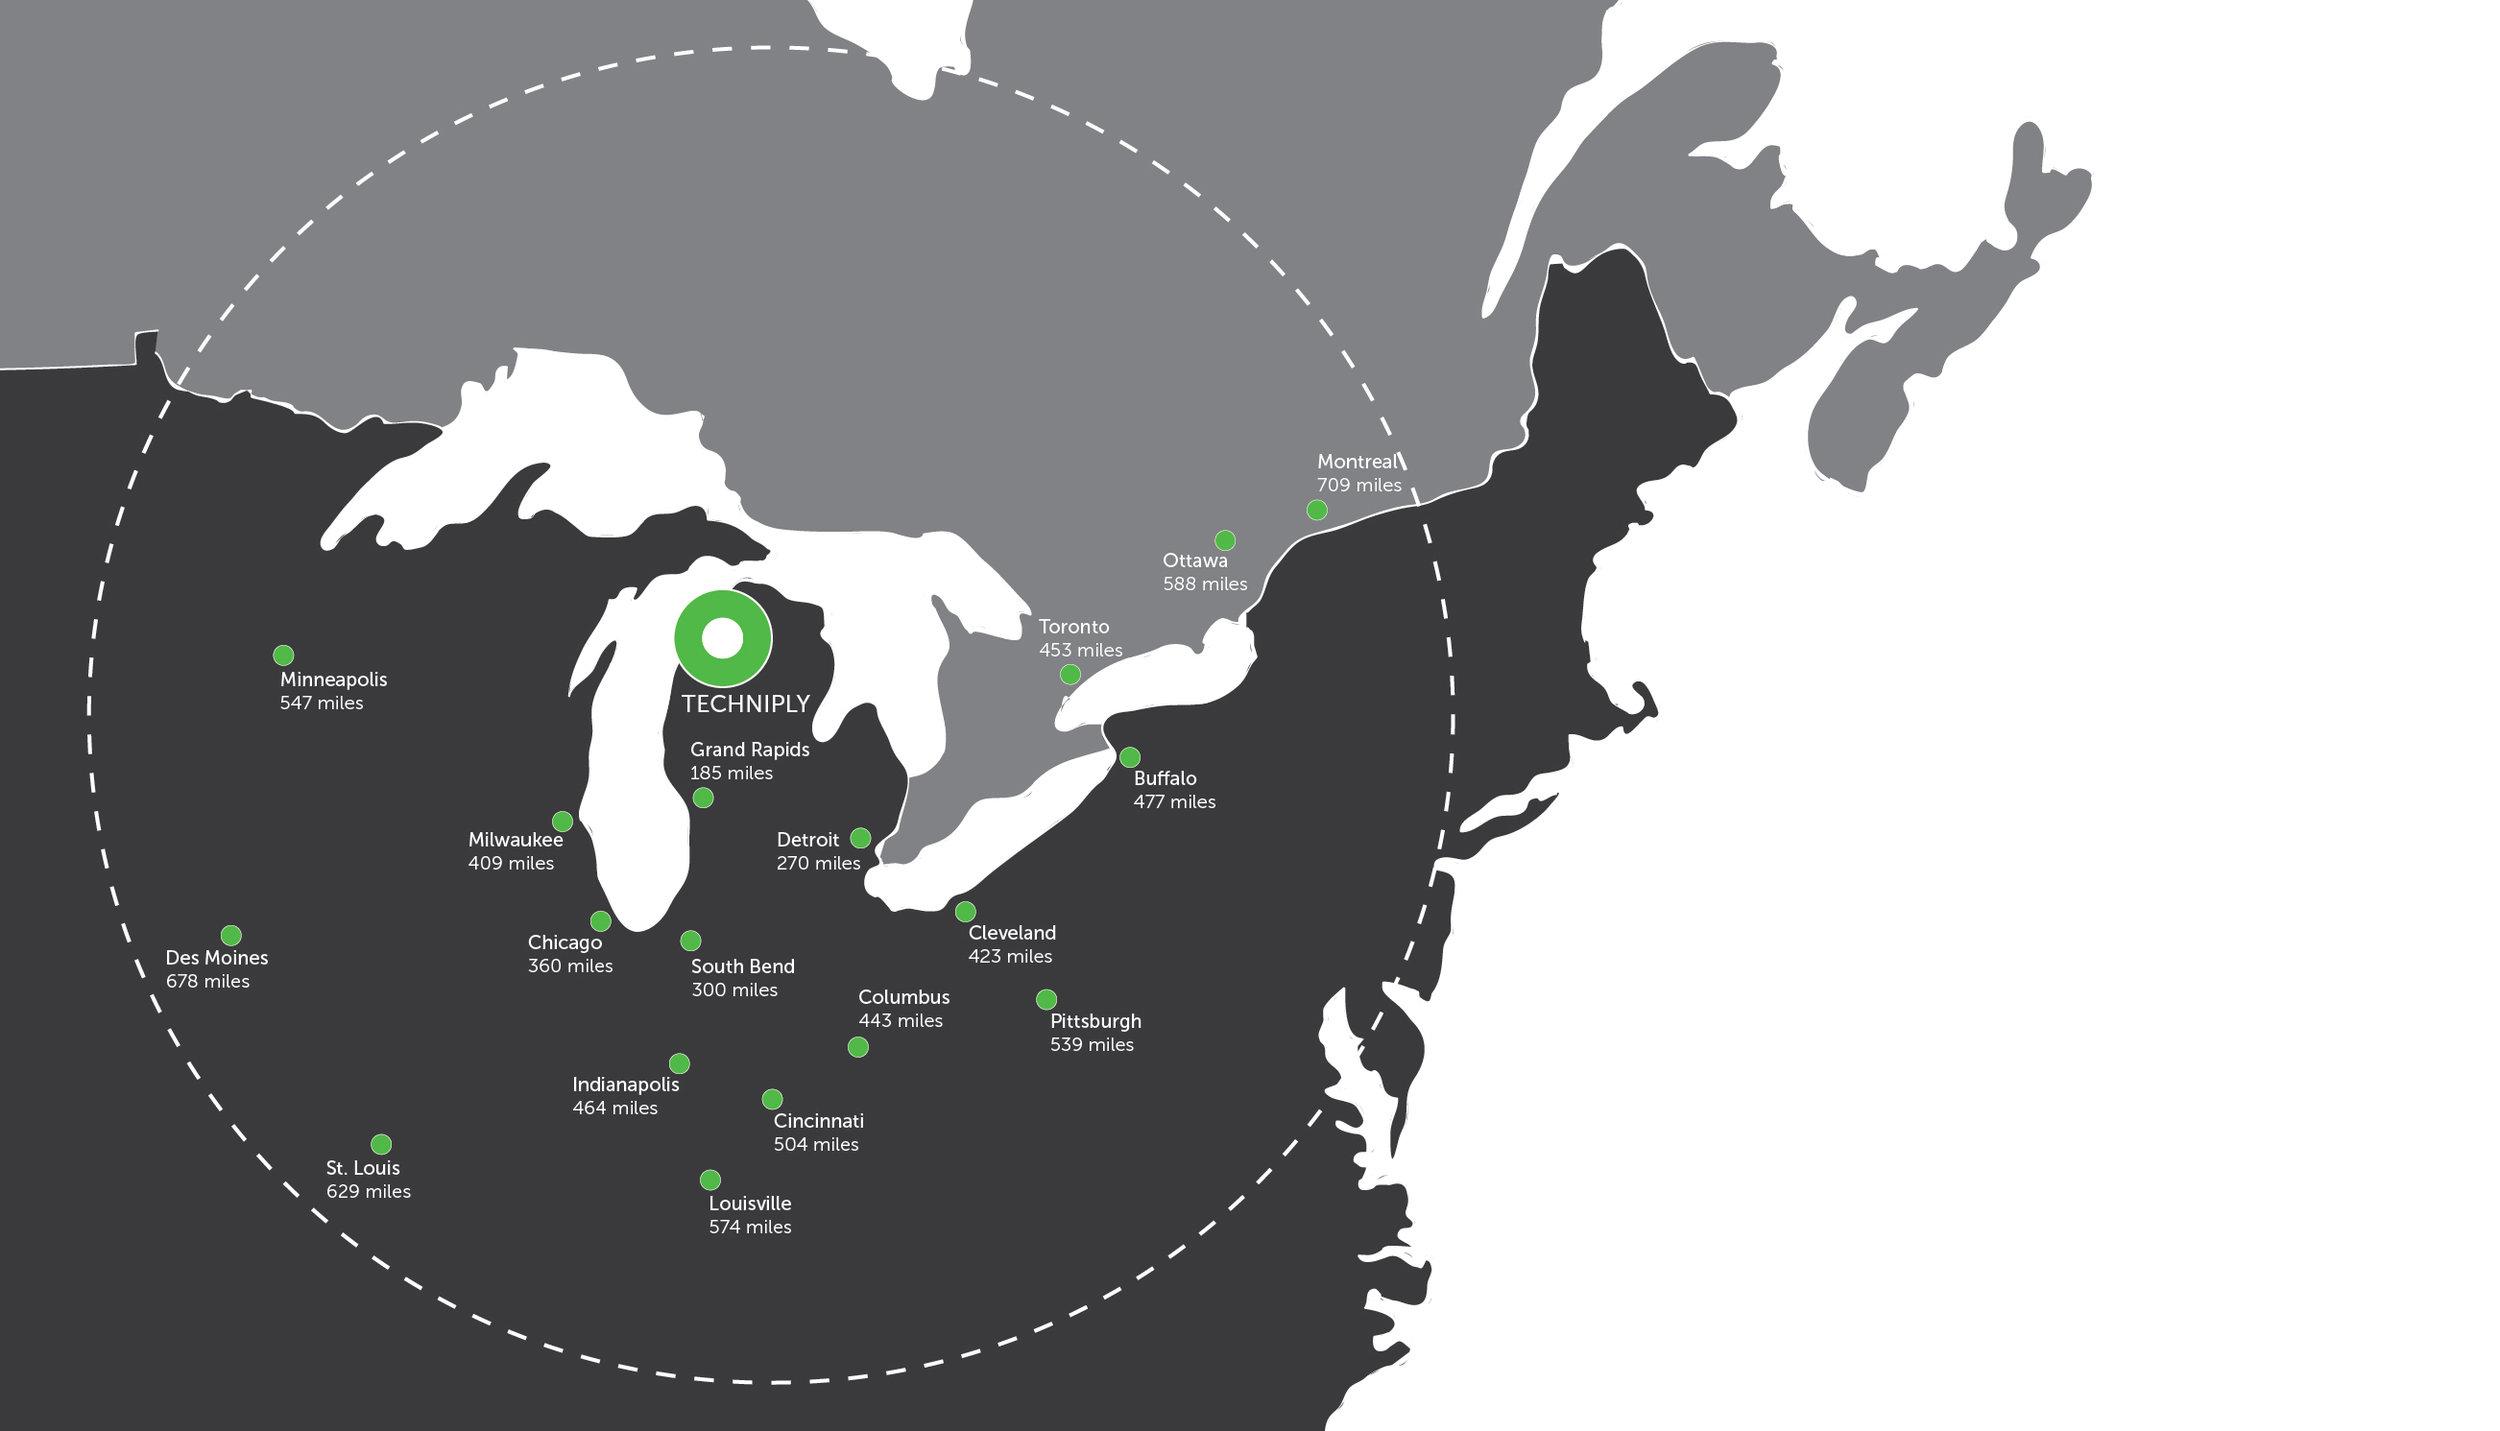 techniplyfootprintmap.jpg